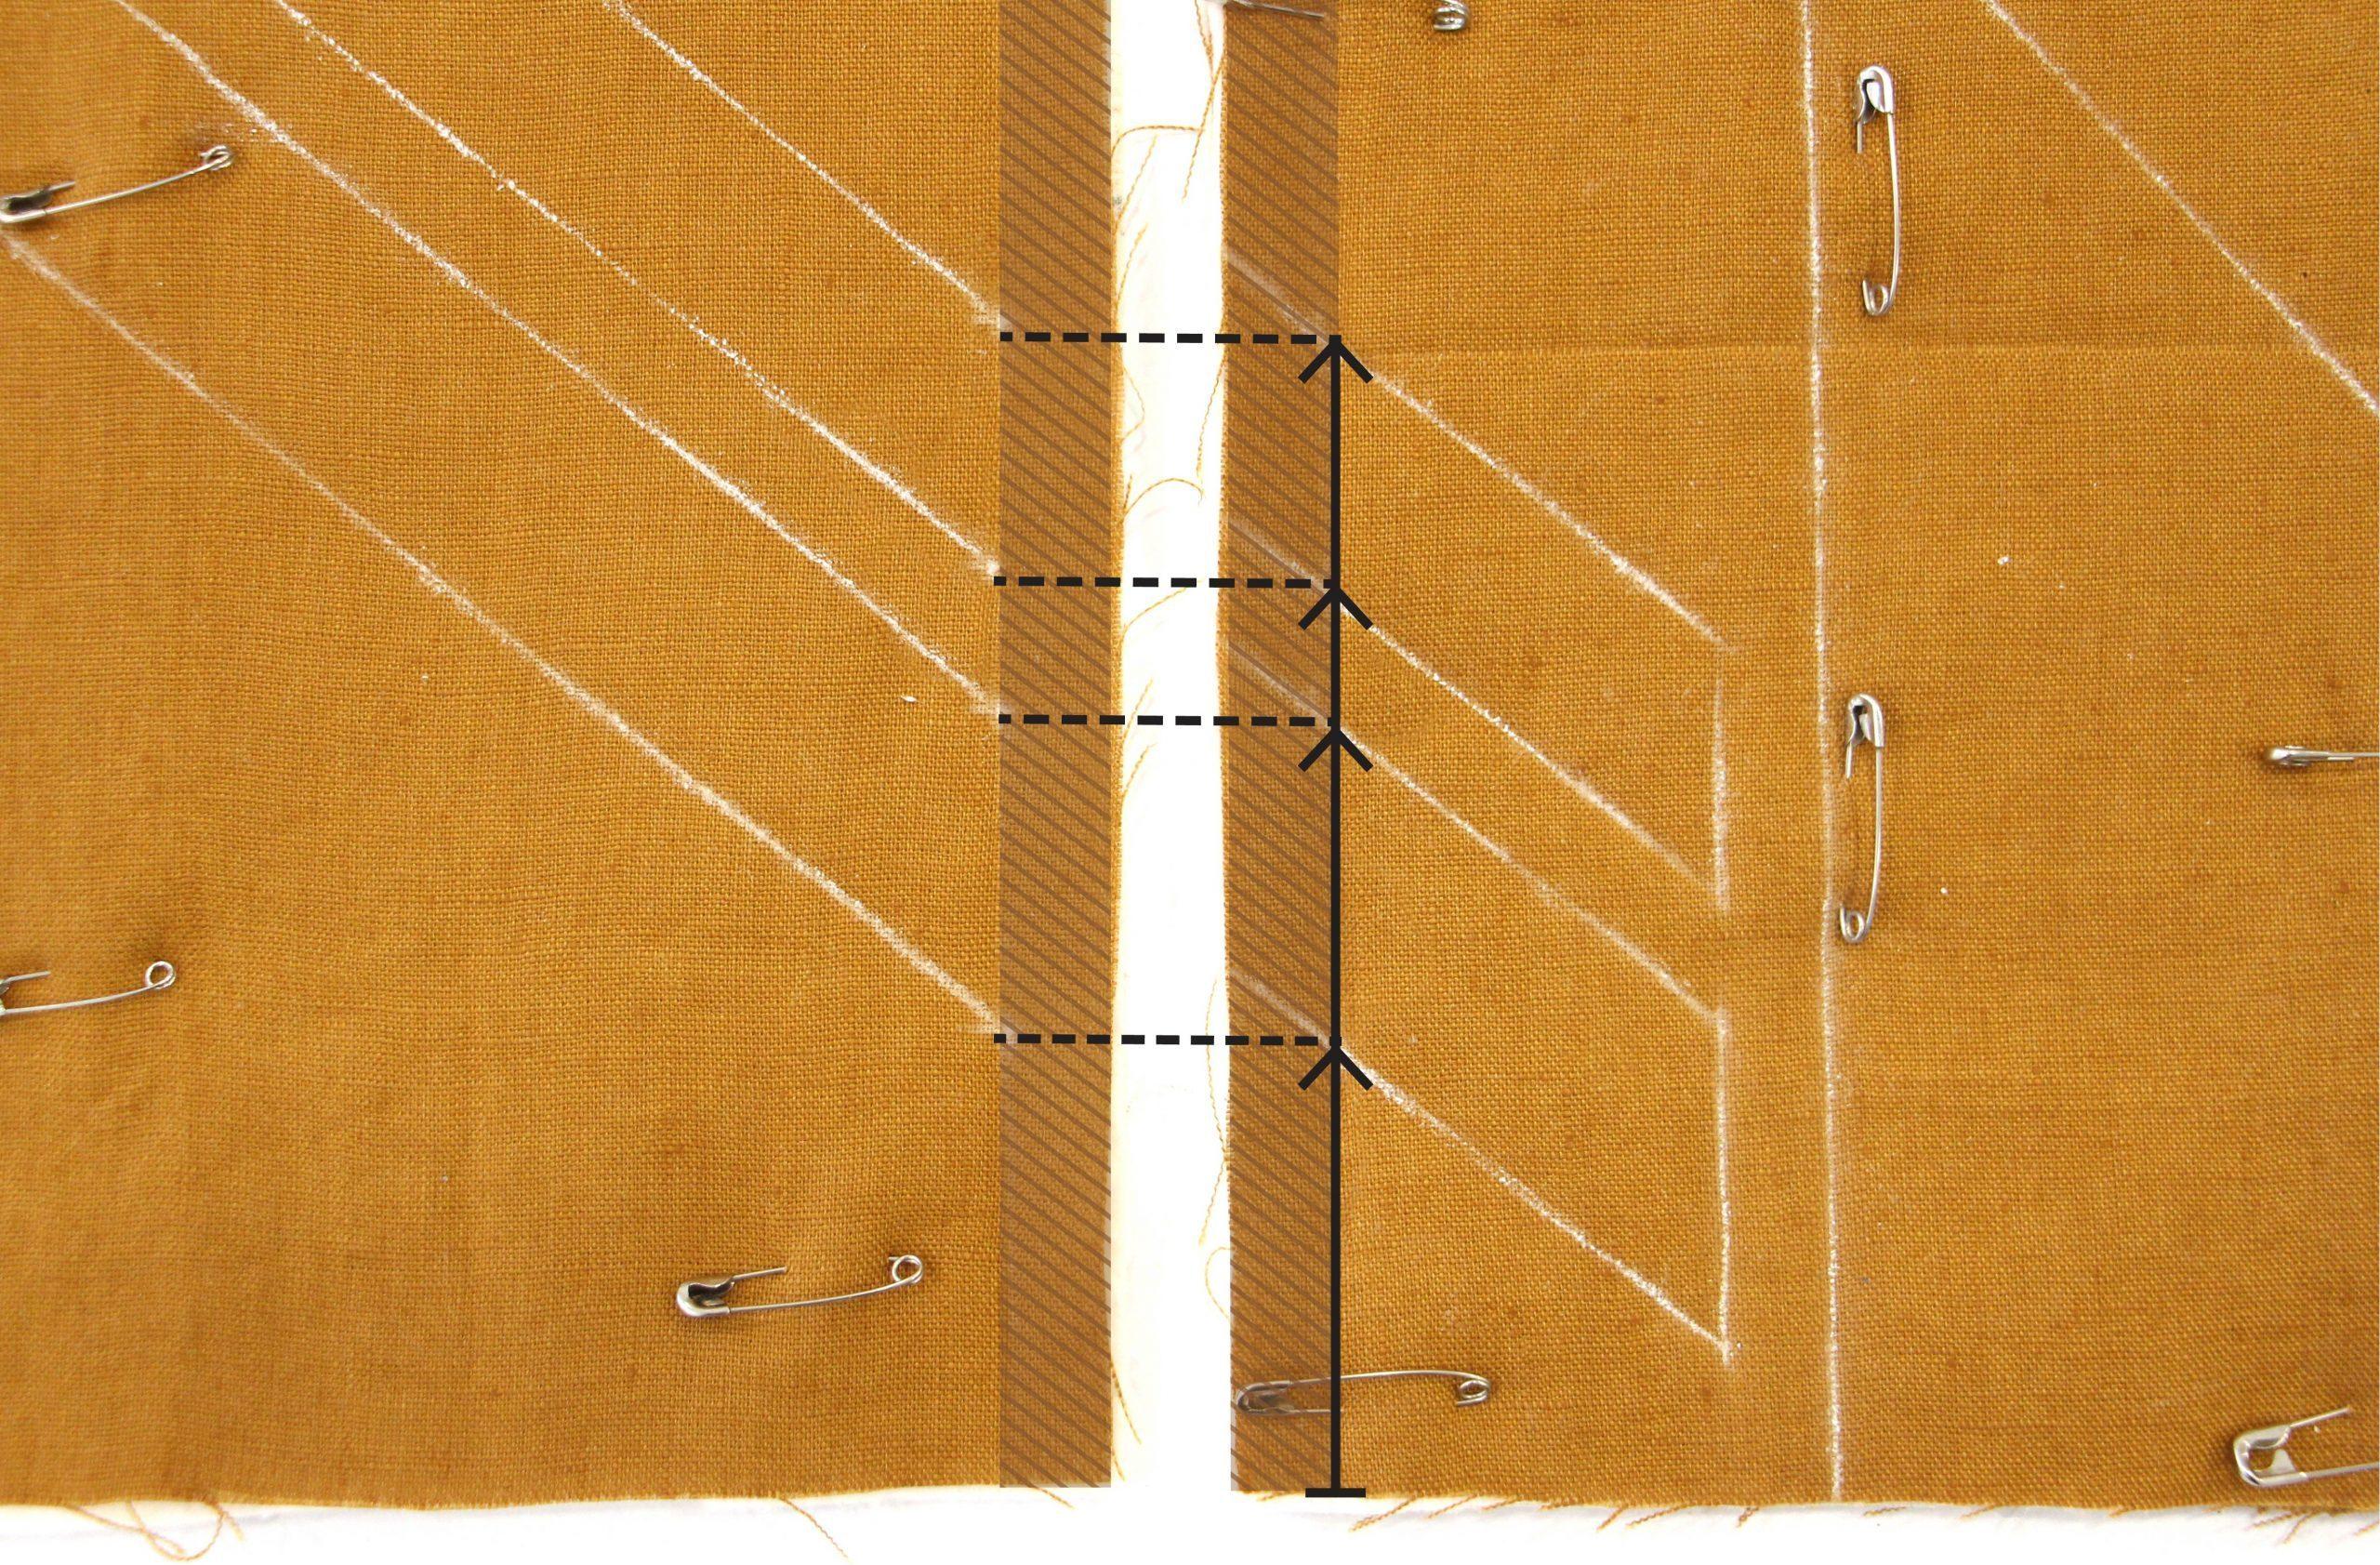 Megan Nielsen Patterns | Hovea Sewalong: Quilting Design | Continuous Design Lines